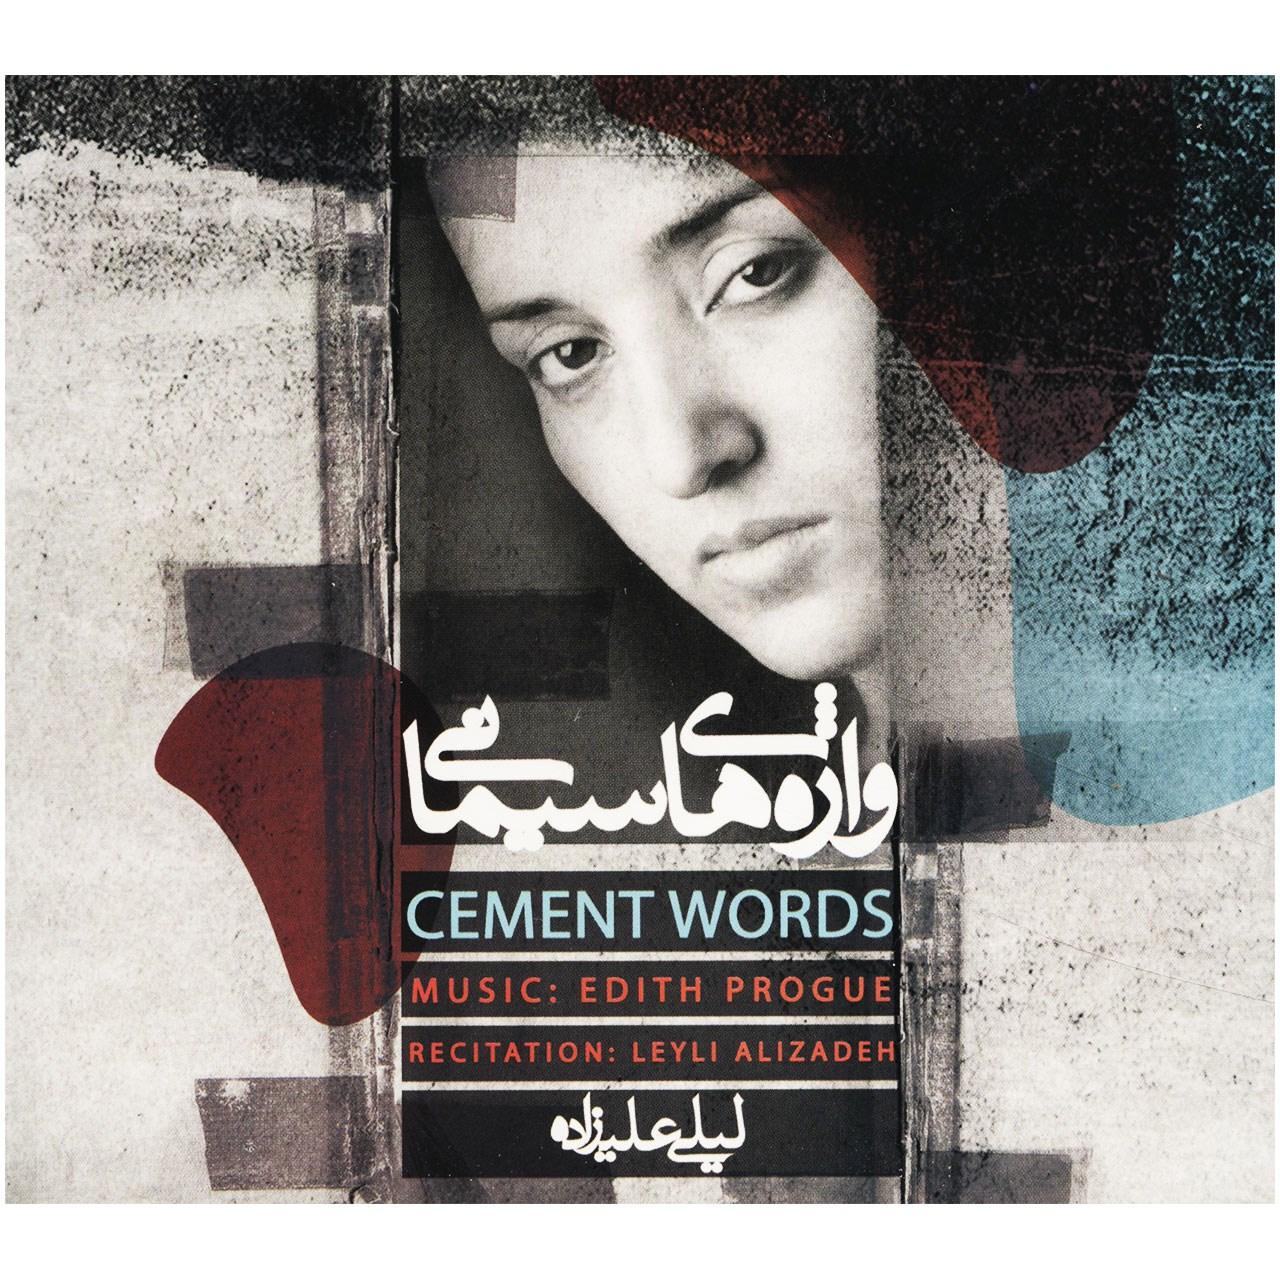 آلبوم موسیقی واژه های سیمانی اثر لیلی علیزاده